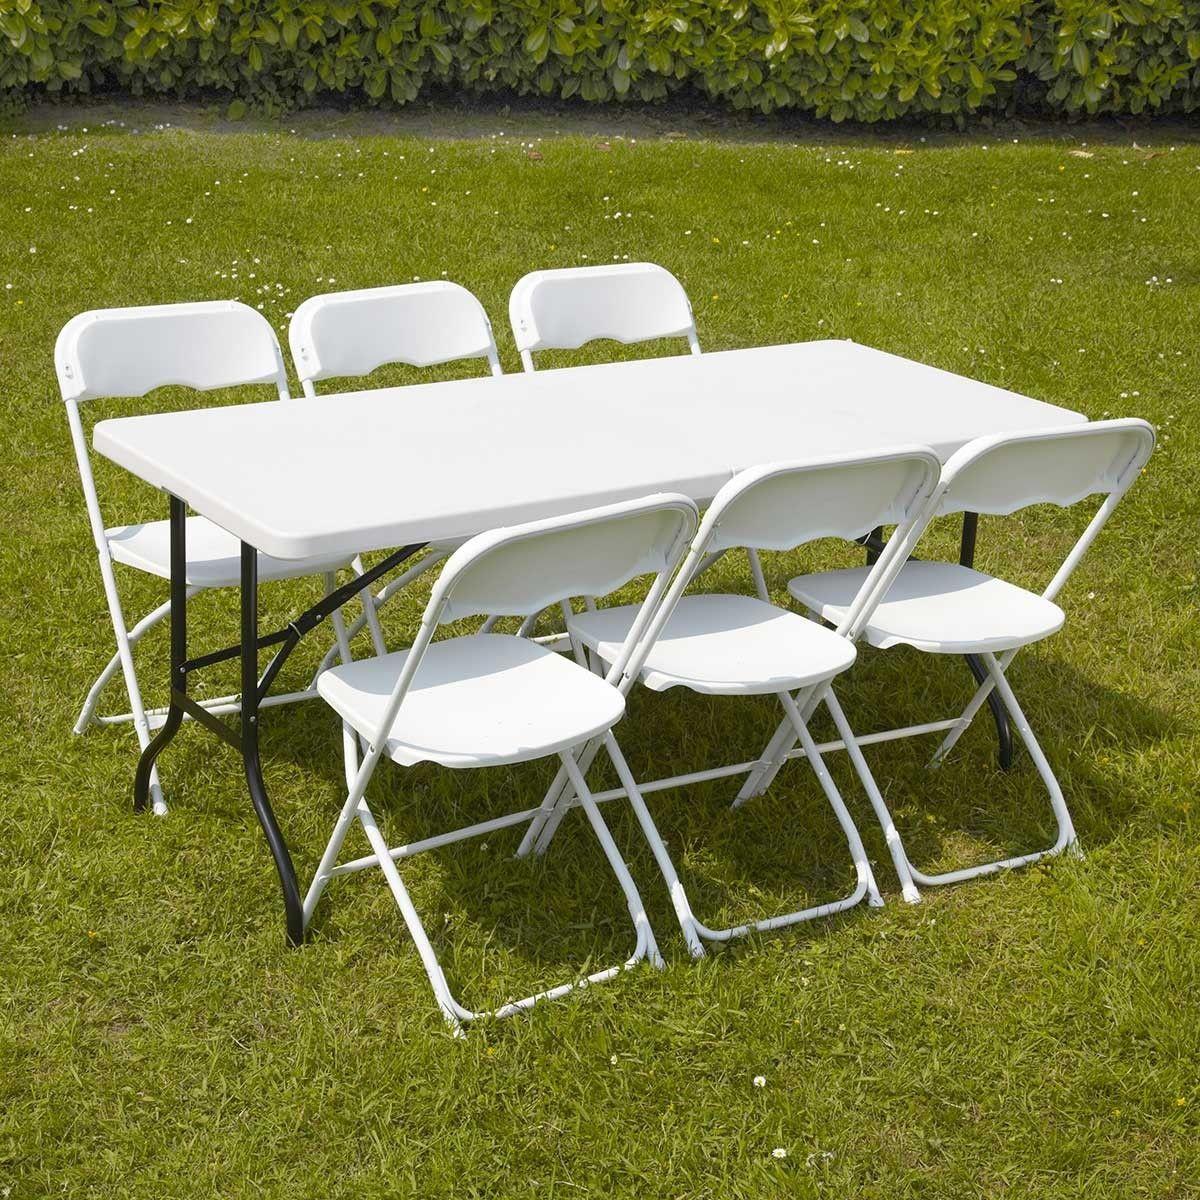 Ensemble Table Et Chaises Pliantes De Jardin 152cm Table Et Chaises Ensemble Table Et Chaise Et Table Et Chaises De Jardin